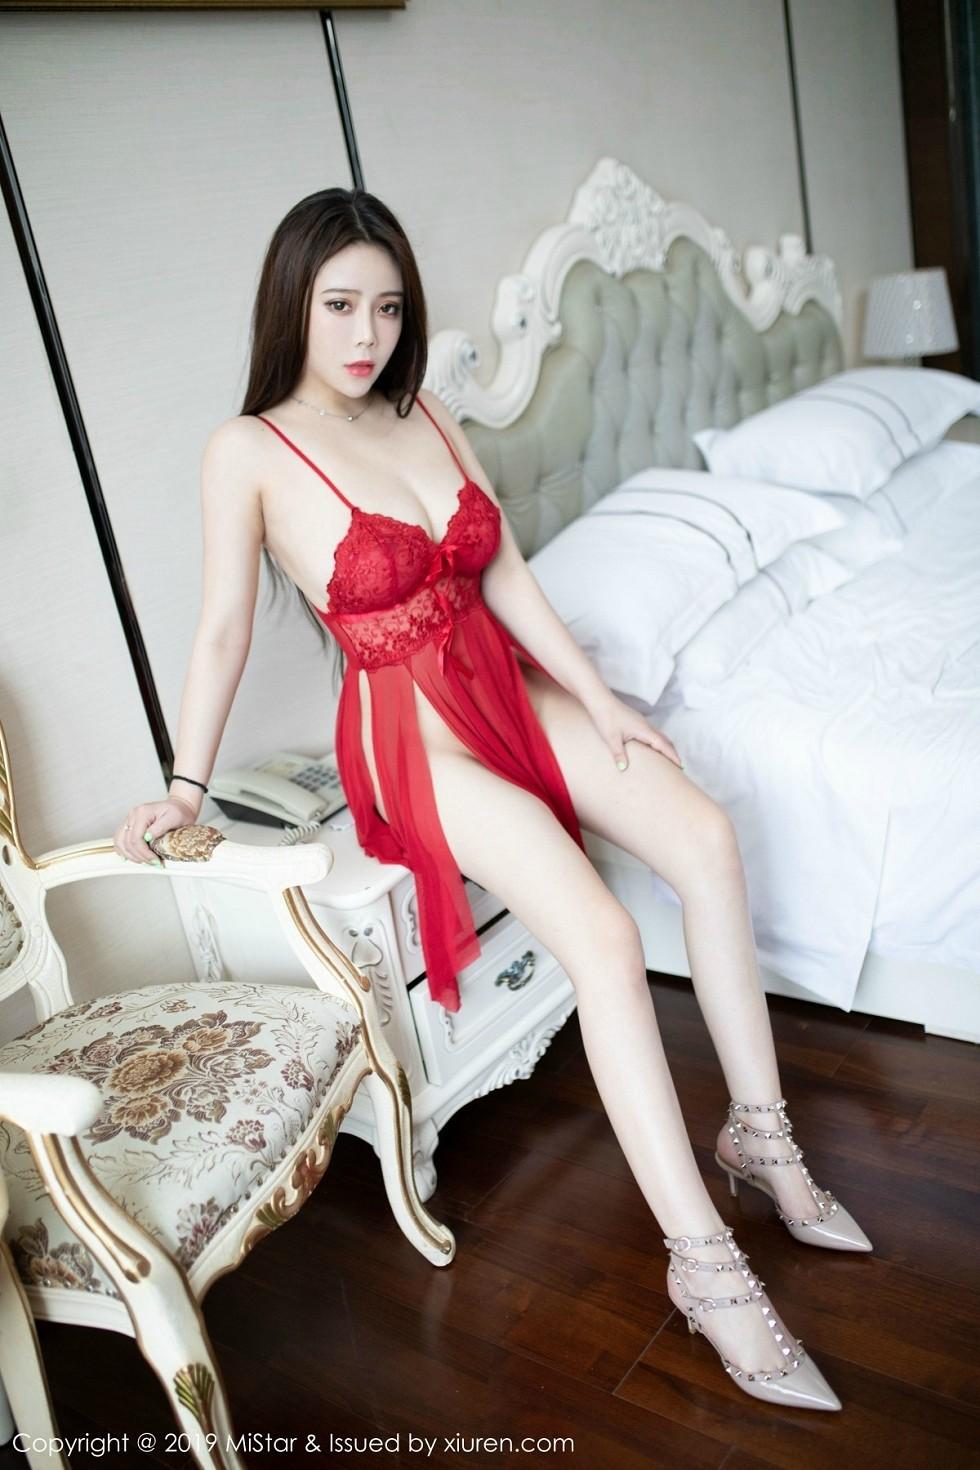 嫩模Miki兔私房红色薄纱内衣半脱露傲人豪乳极致诱惑写真